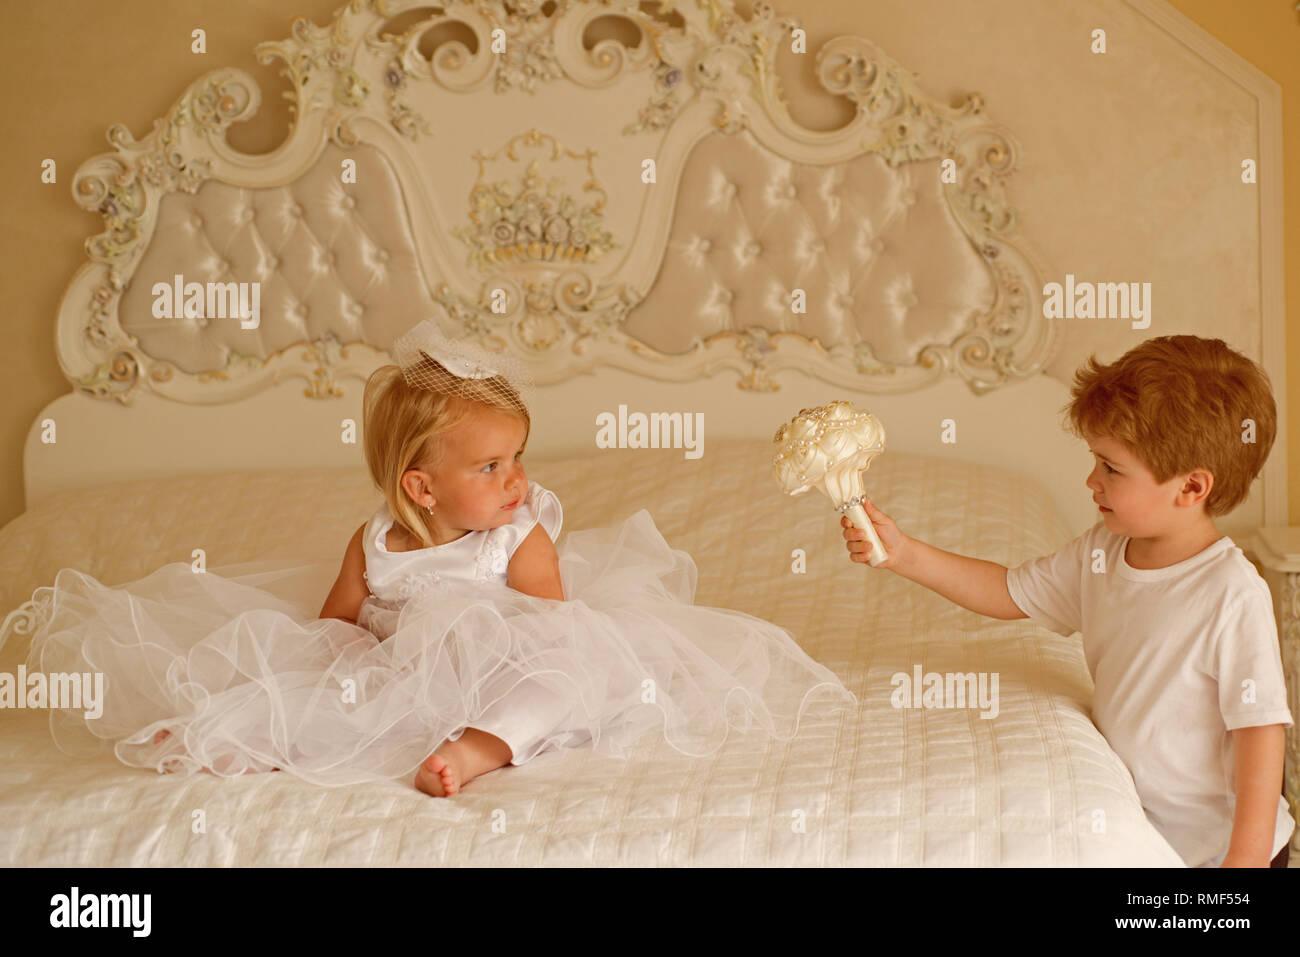 Die beste Frisur. Kleine Kinder bereit für die Hochzeit. Kinder